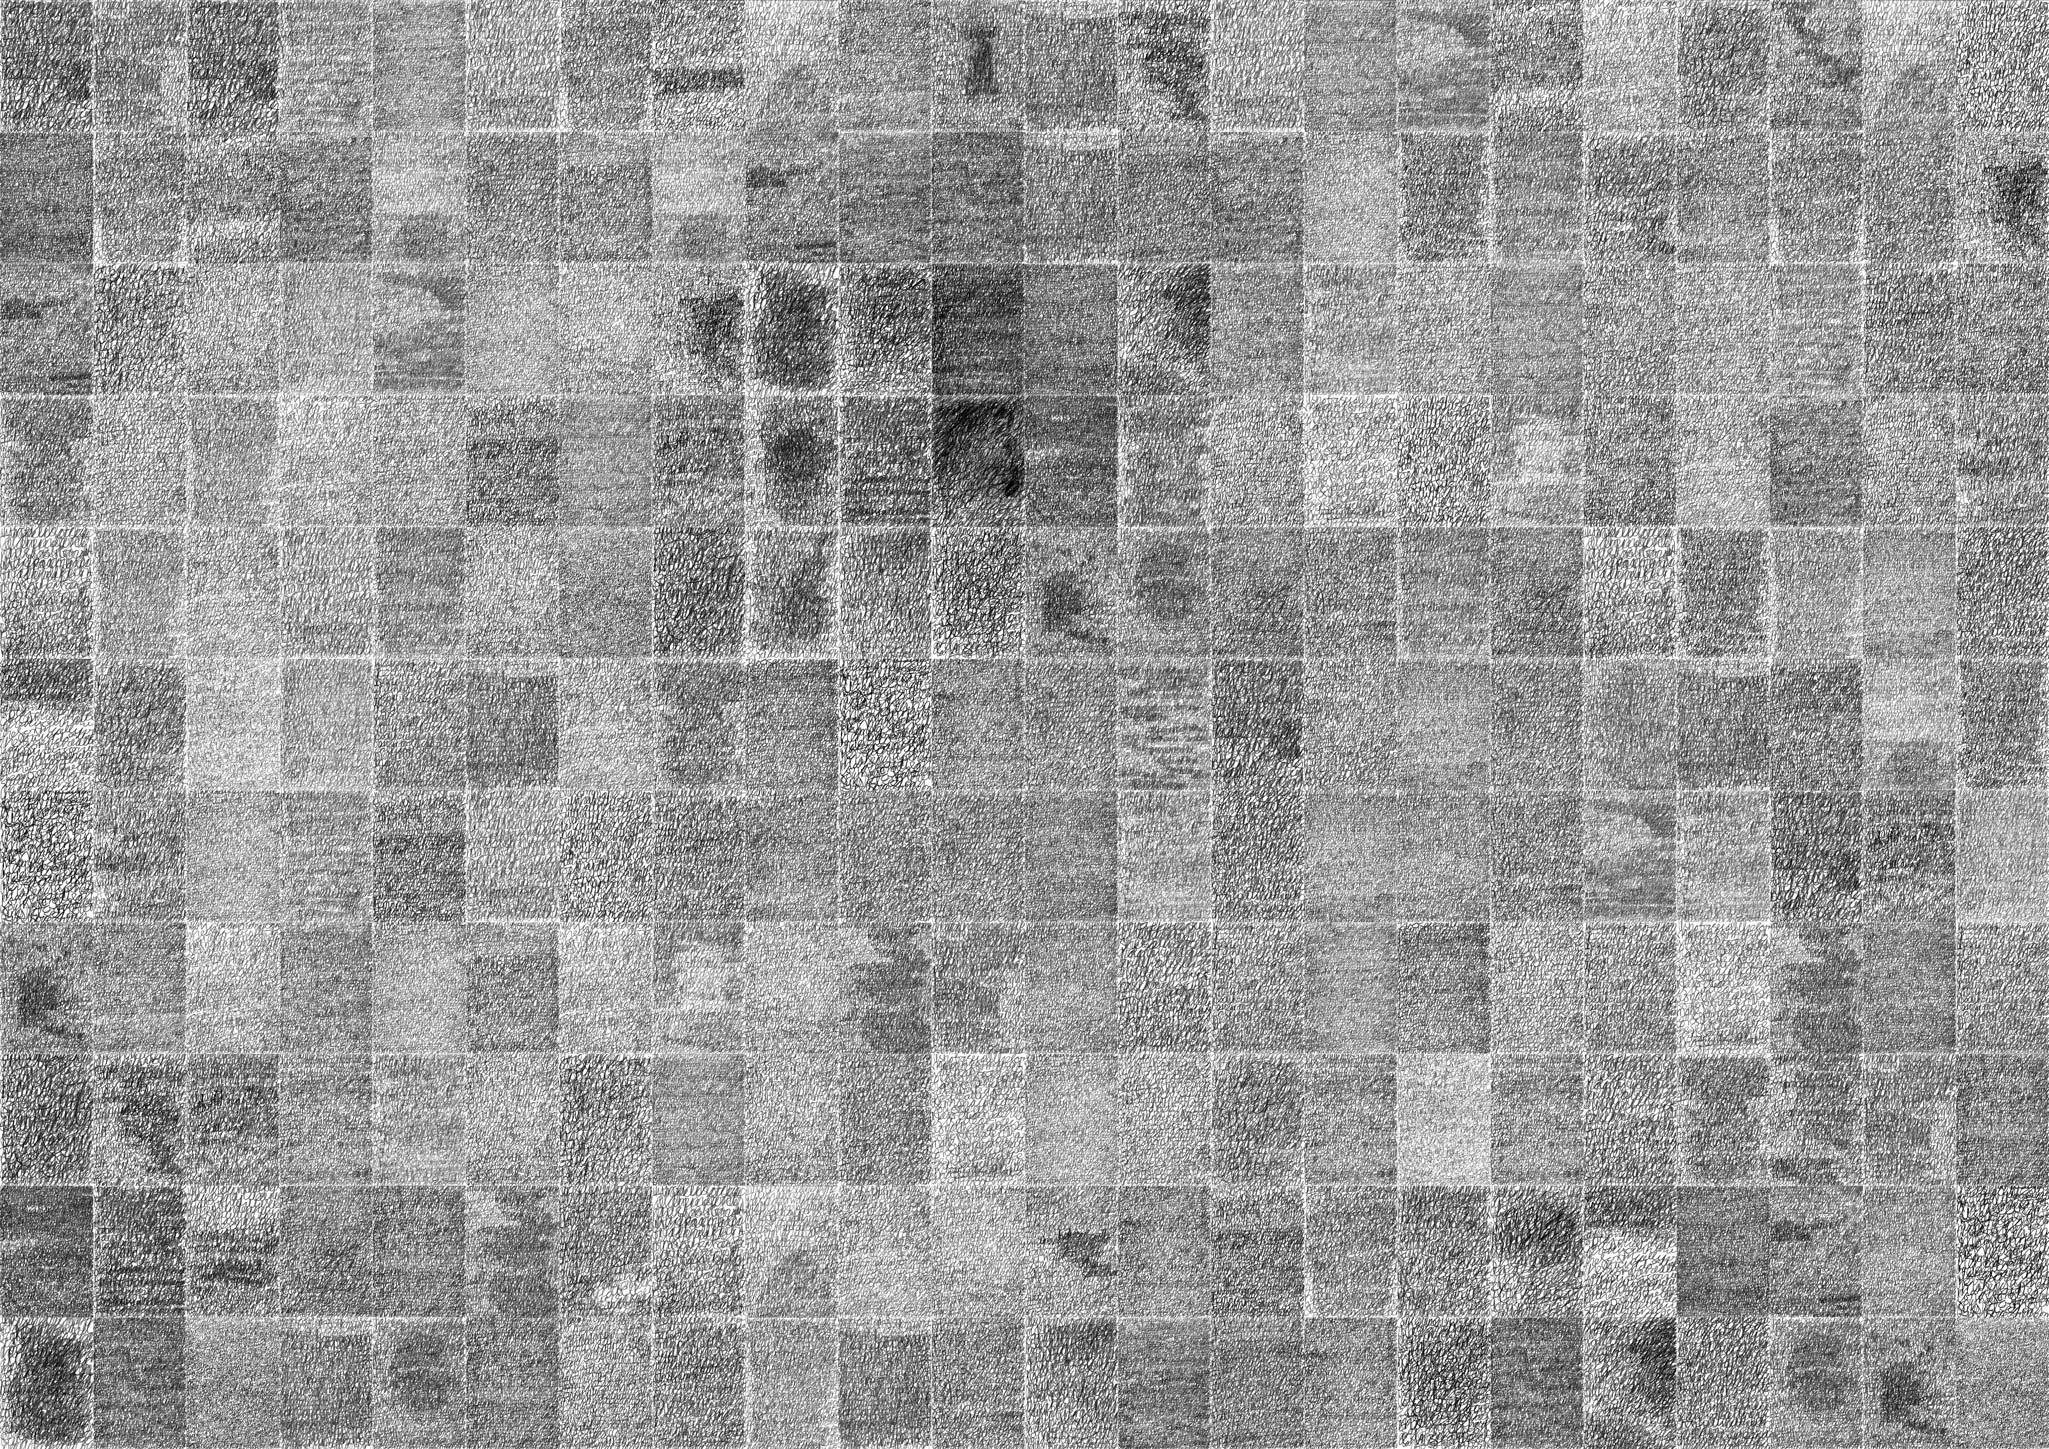 floor_process-book_2.jpg